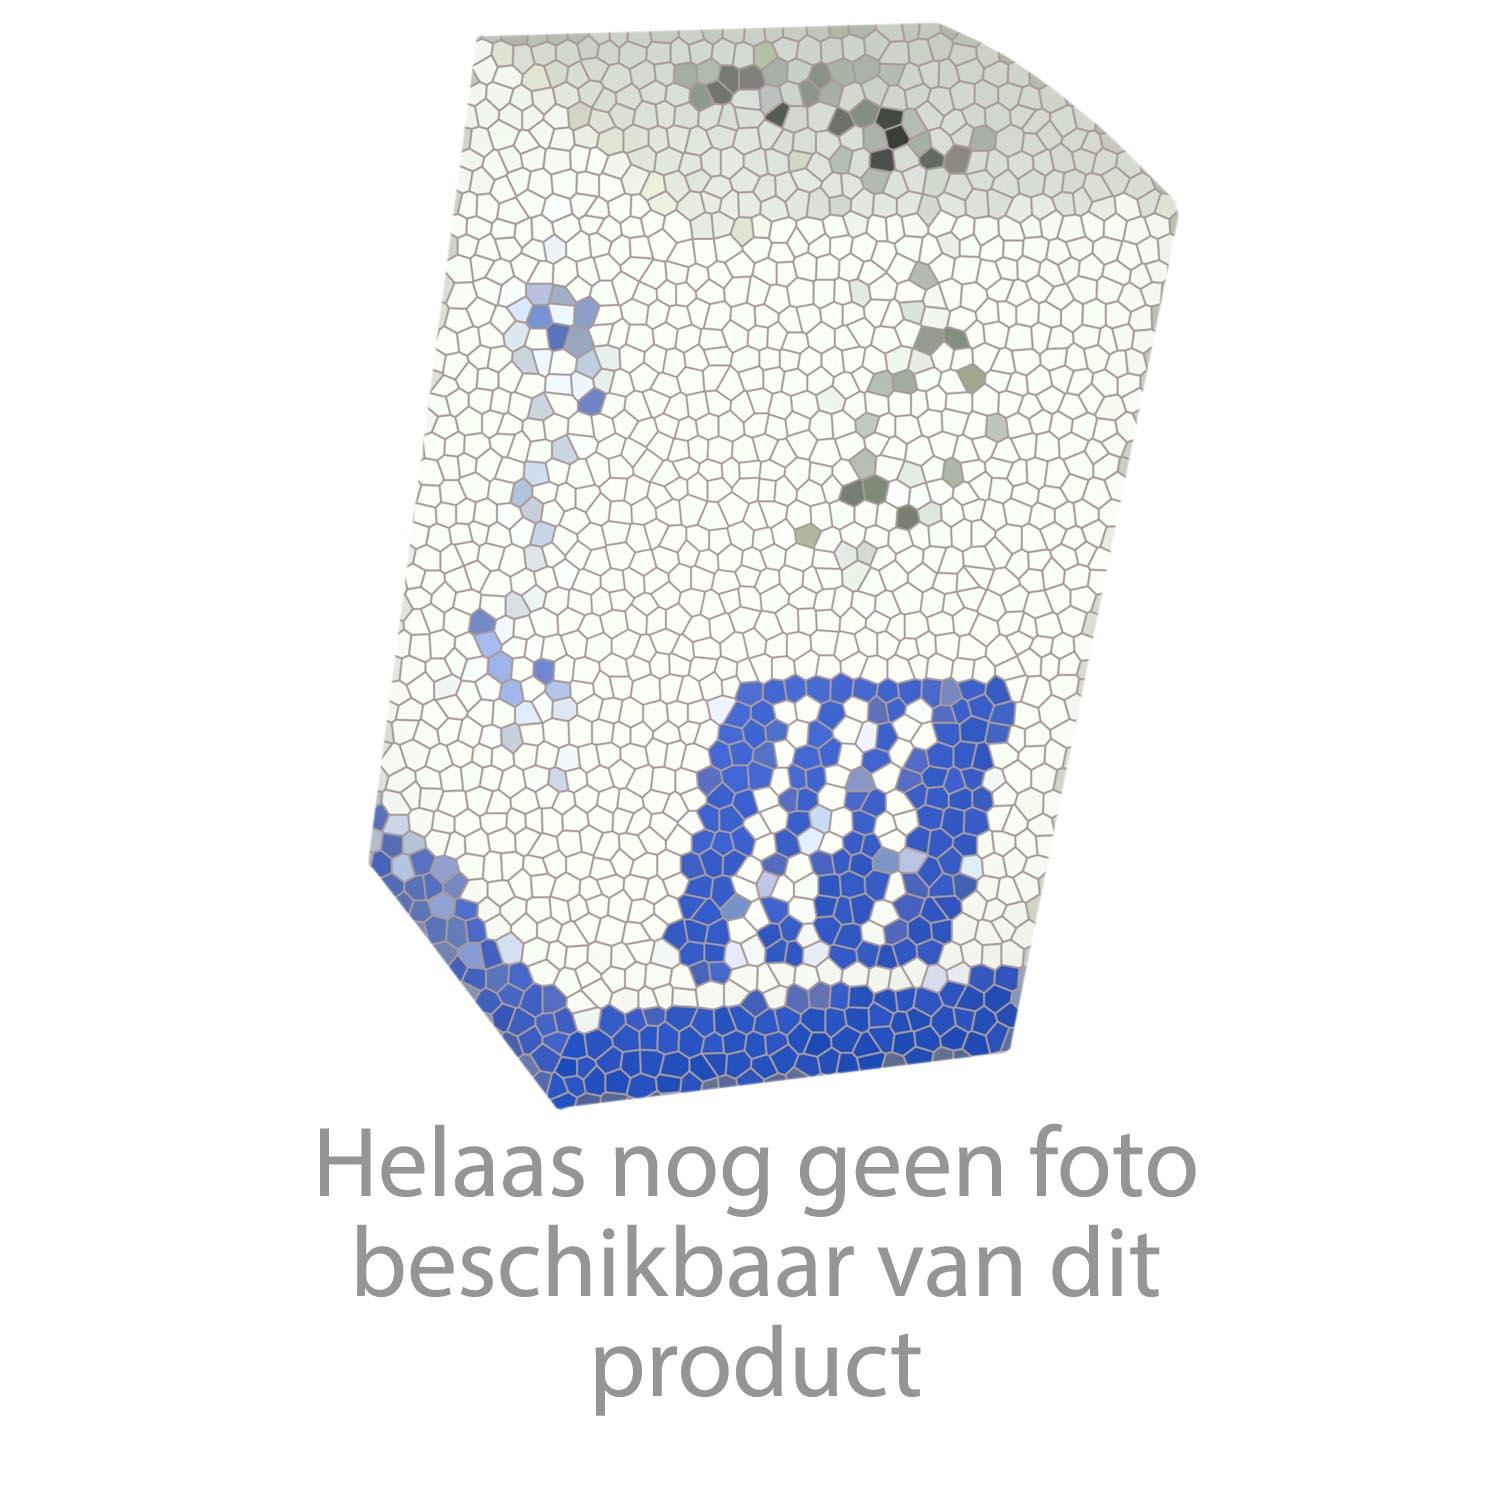 HansGrohe Keukenmengkranen Allegra Variarc productiejaar > 05/02 14874000 onderdelen